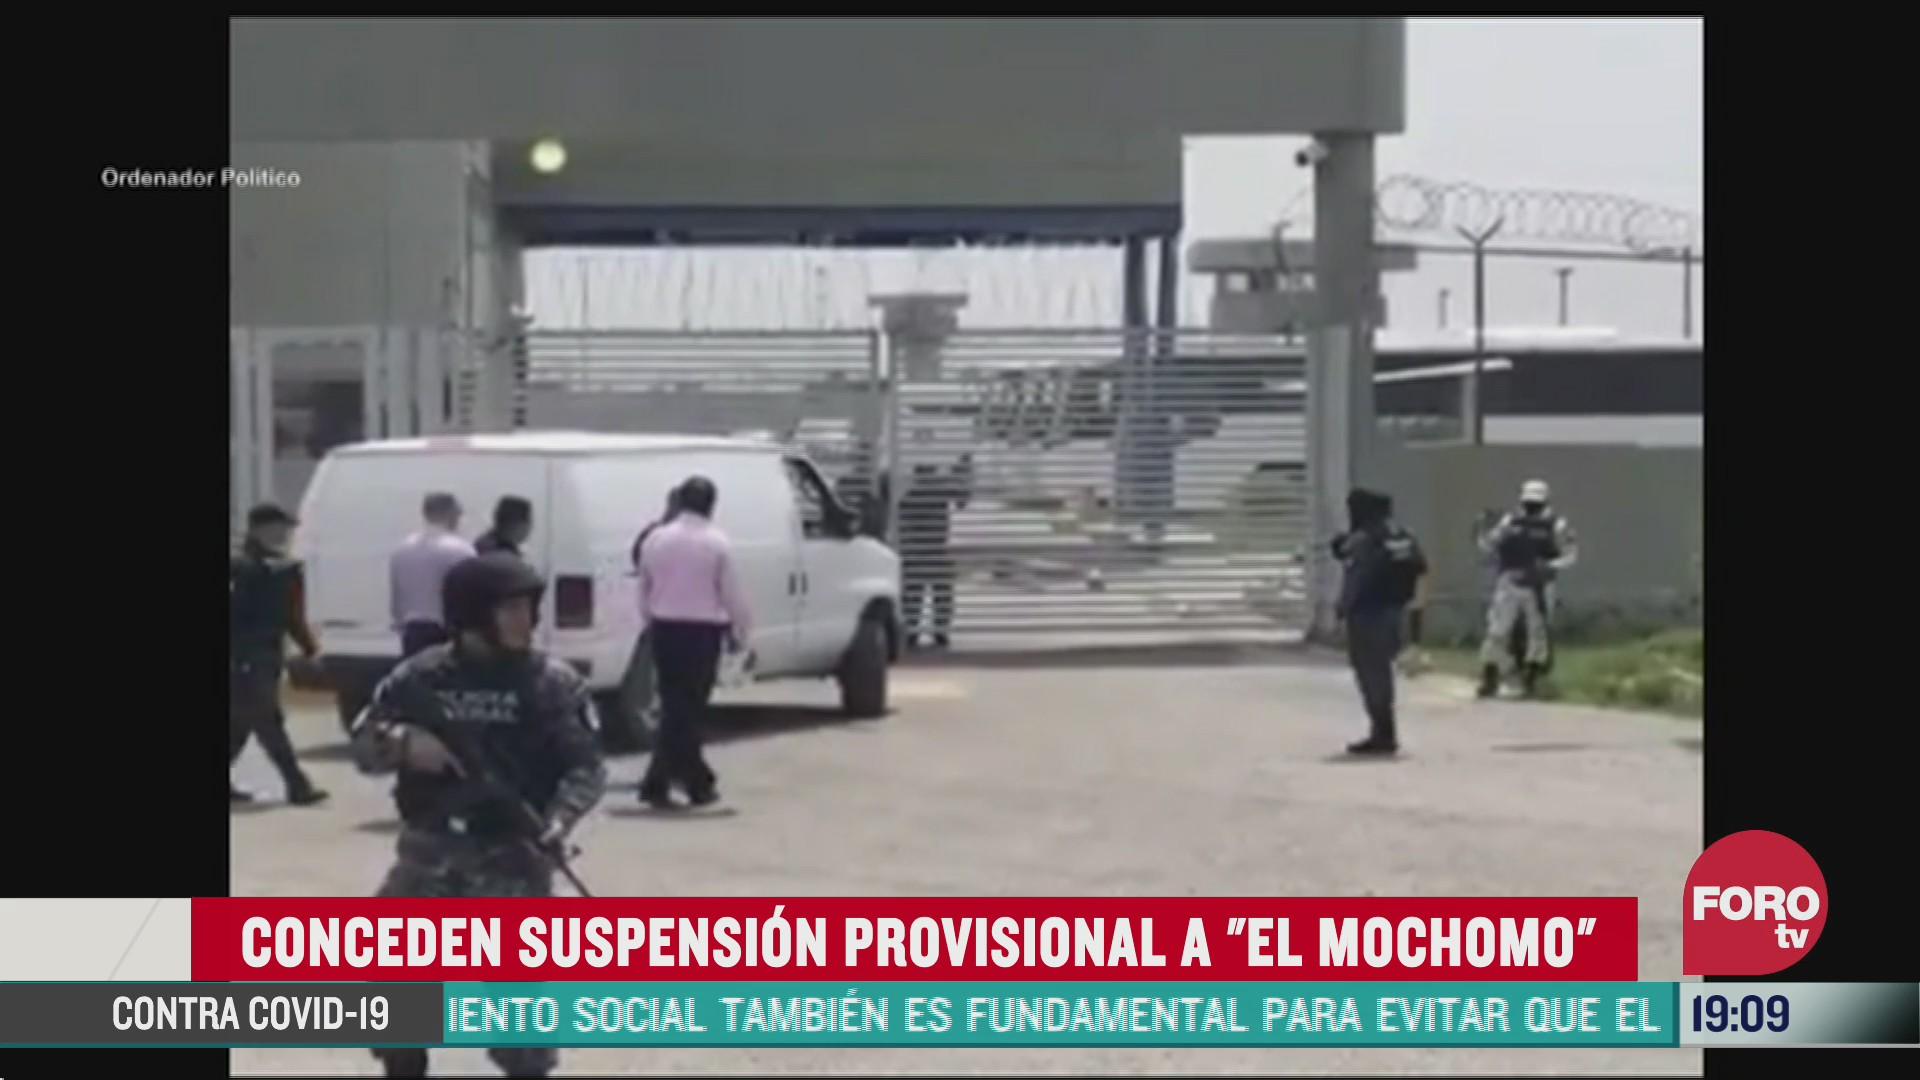 El Mochomo, juez concede suspensión provisional